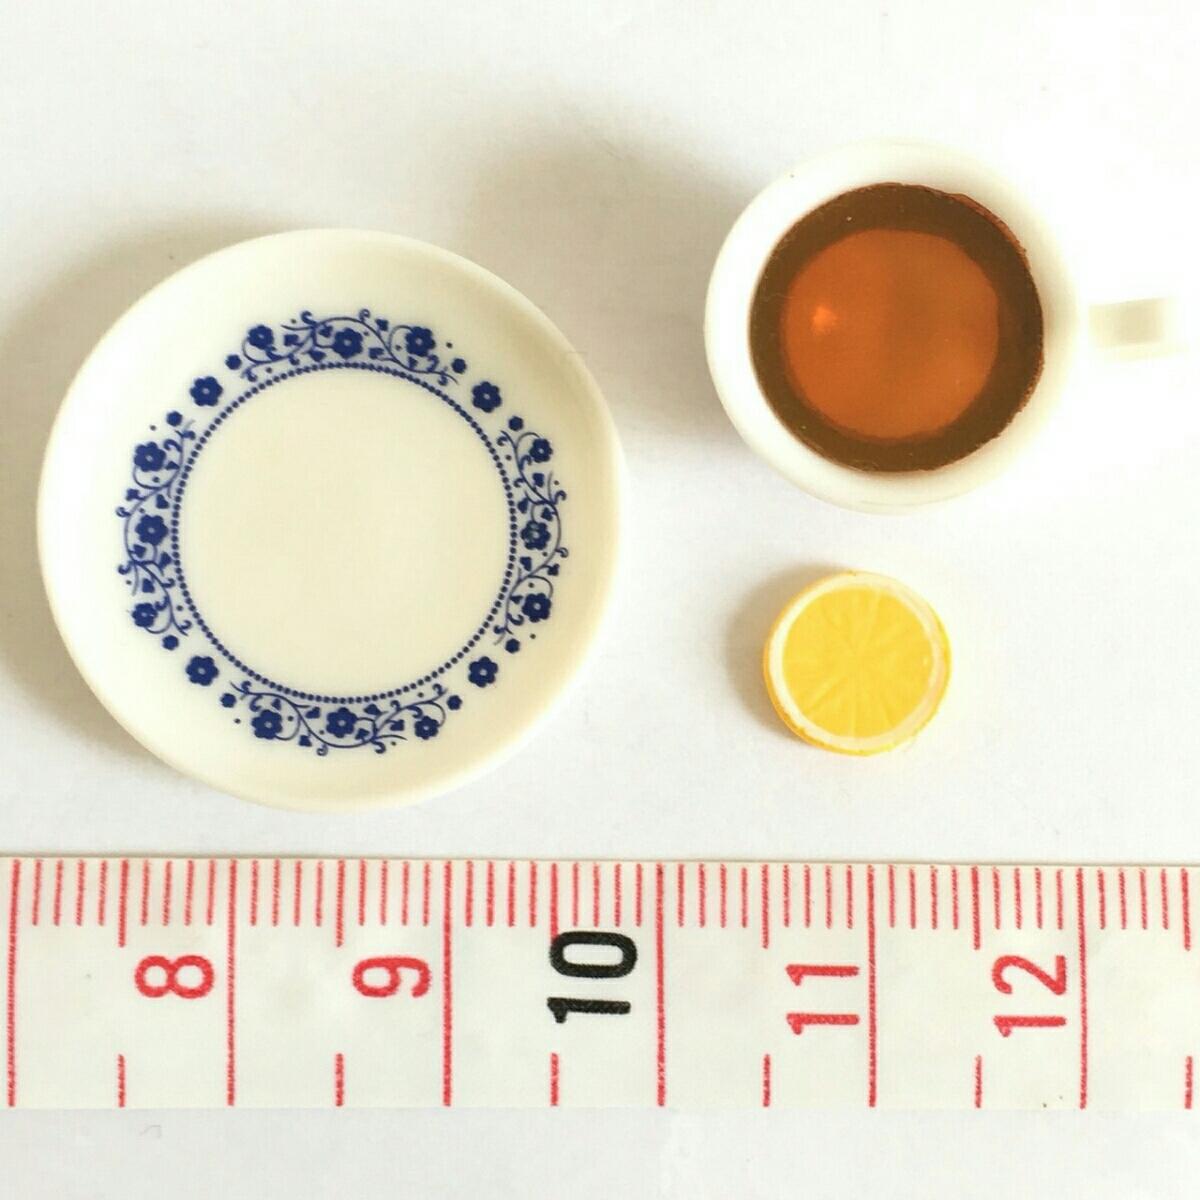 レモンティー 単品 街角のレトロ喫茶店 ミニチュア ぷちサンプル リーメント_画像3